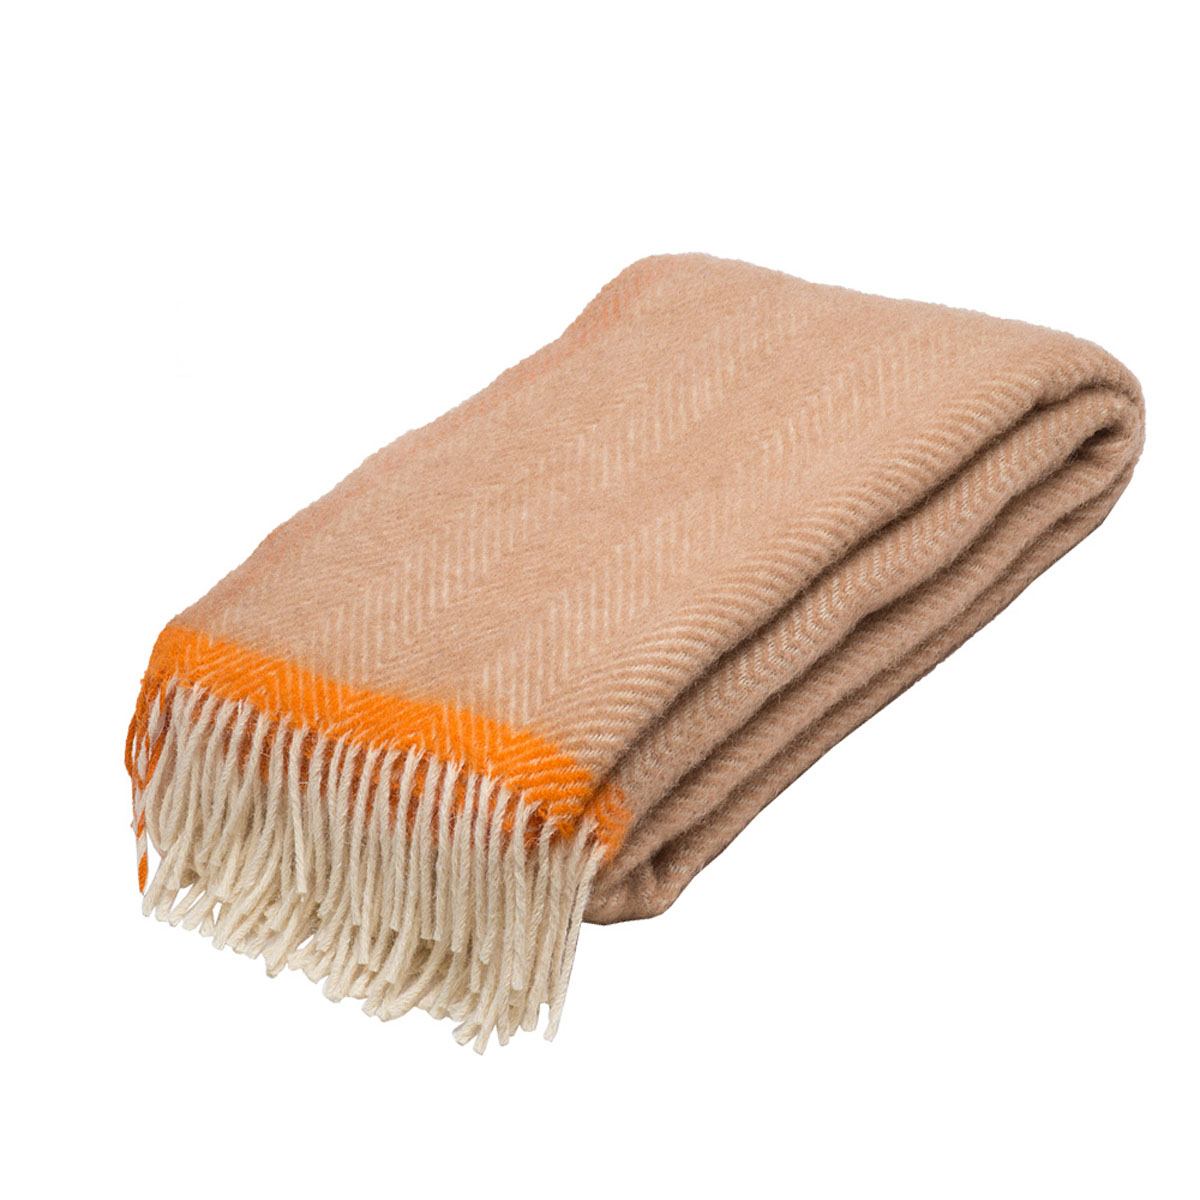 Плед Руно Mone, цвет: песочный, оранжевый, 140 х 200 см. 1-541-140 (03)Брелок для ключейПлед Руно Mone гармонично впишется в интерьер вашего дома и создаст атмосферу уюта и комфорта. Чрезвычайно мягкий и теплый плед с кистями изготовлен из натуральной овечьей шерсти. Высочайшее качество материала гарантирует безопасность не только взрослых, но и самых маленьких членов семьи.Плед - это такой подарок, который будет всегда актуален, особенно для ваших родных и близких, ведь вы дарите им частичку своего тепла!